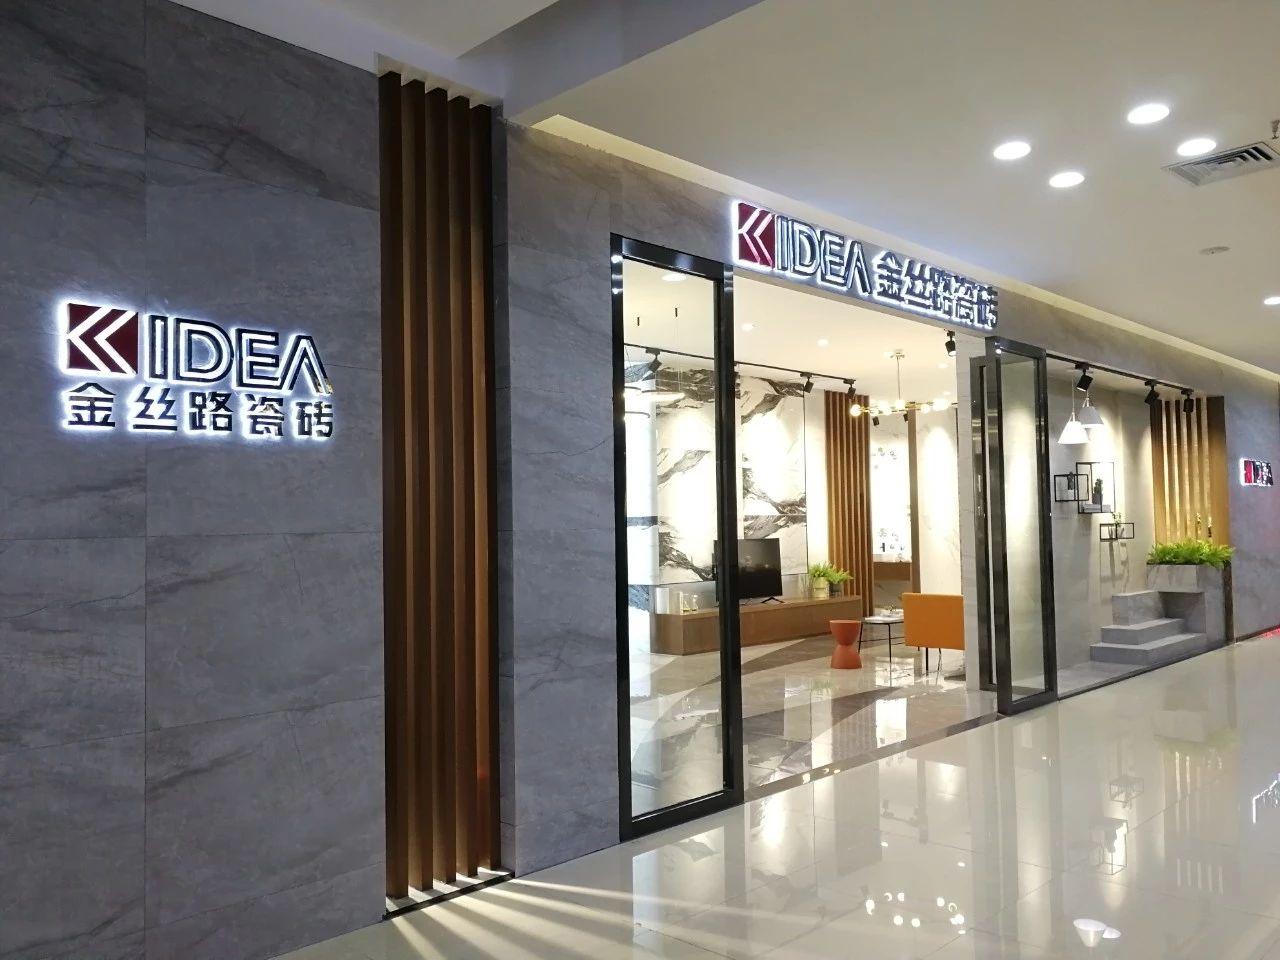 惠州店賞析   金絲路瓷磚帶你尋找理想中的家!